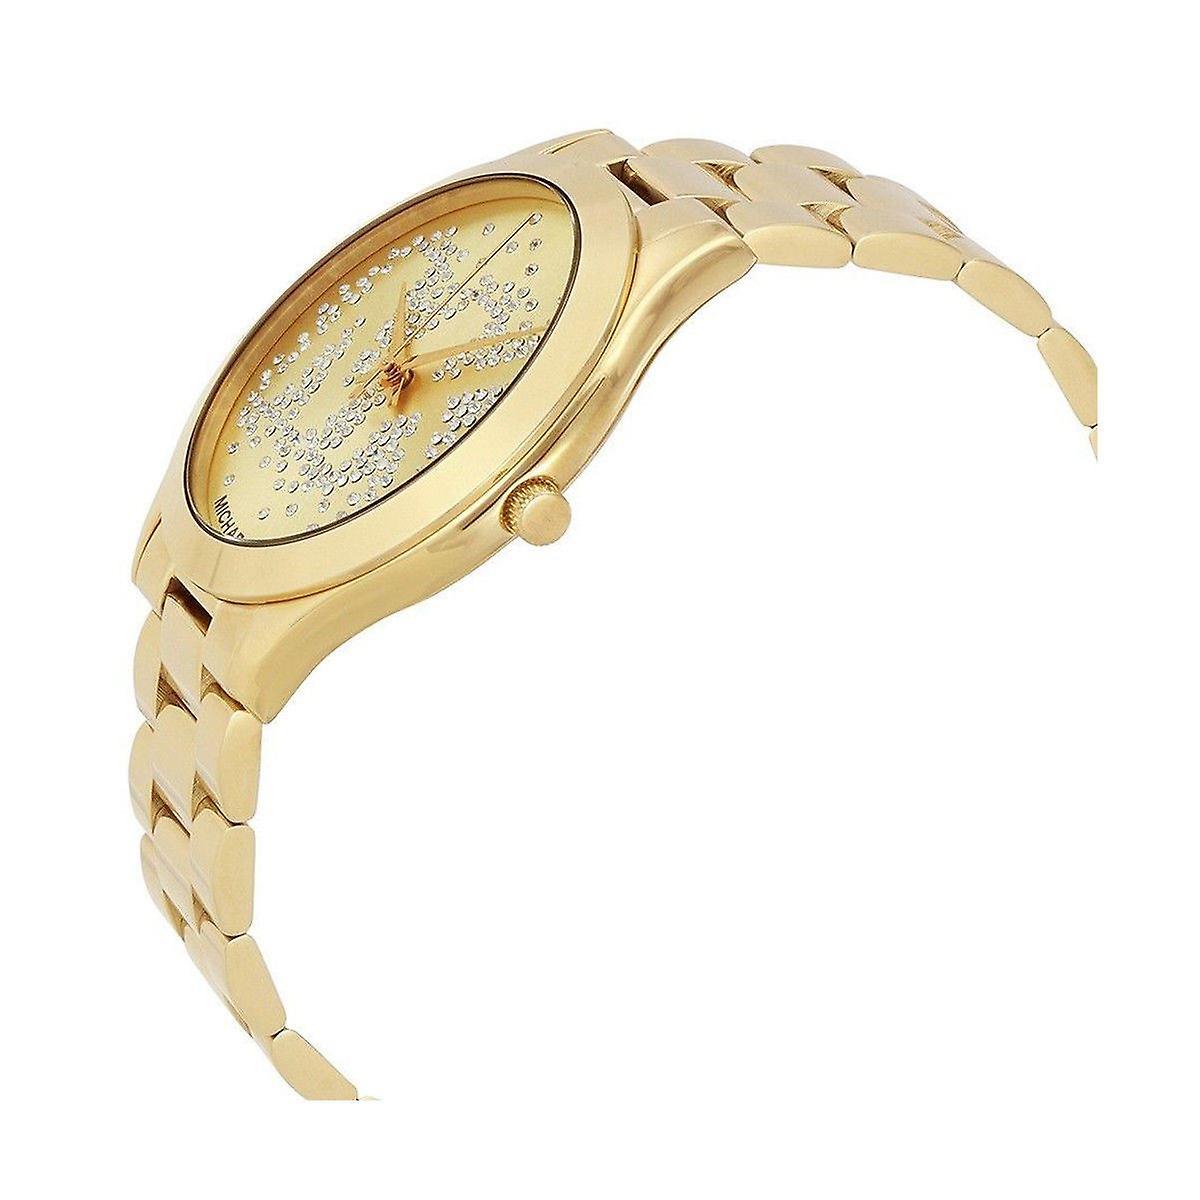 Michael Kors mince piste Womens Mesdames poignet montre bracelet en or visage Dial MK3590